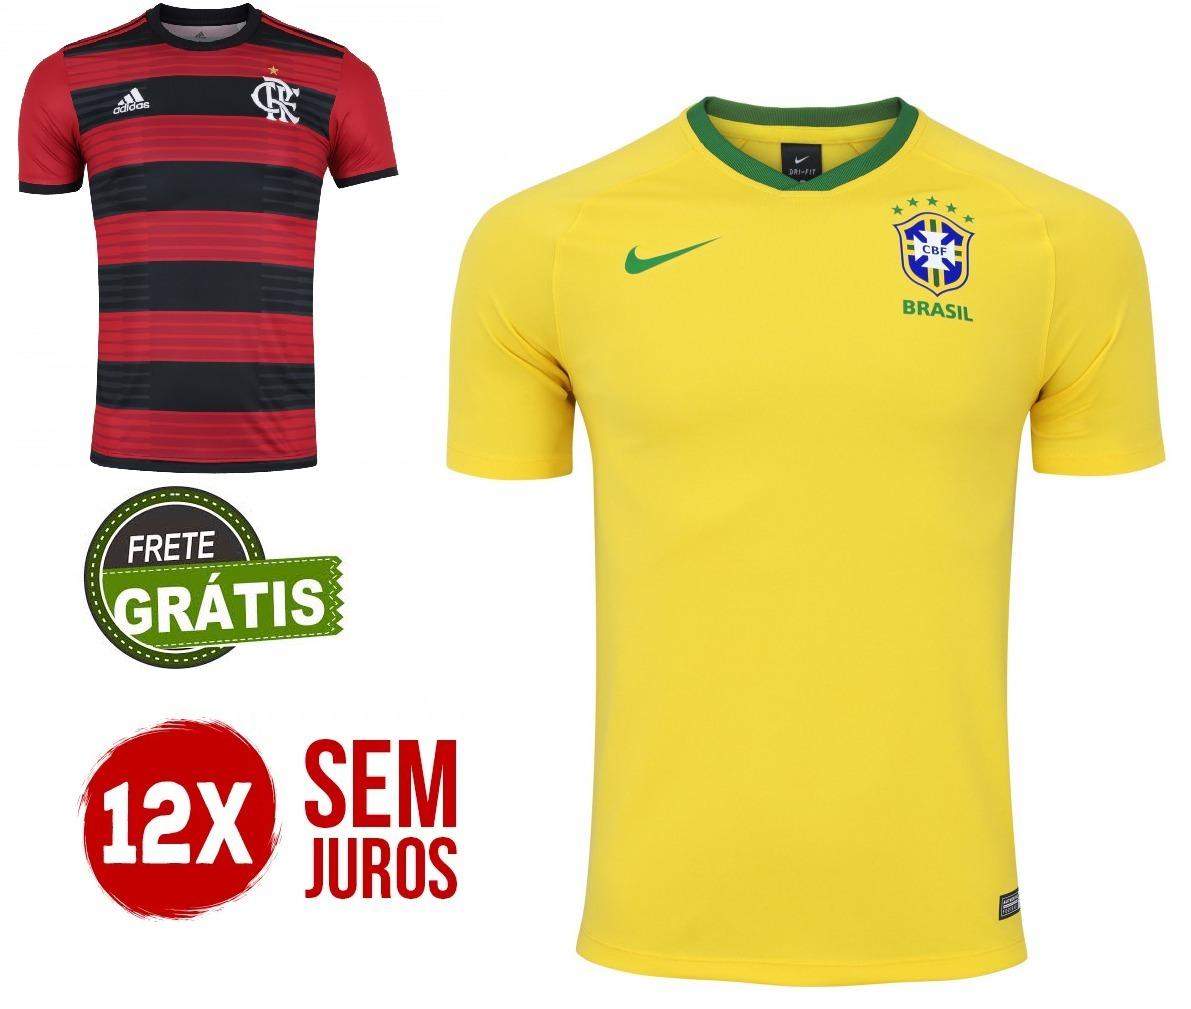 13aede2e52095 Combo Camisa Seleção + Flamengo